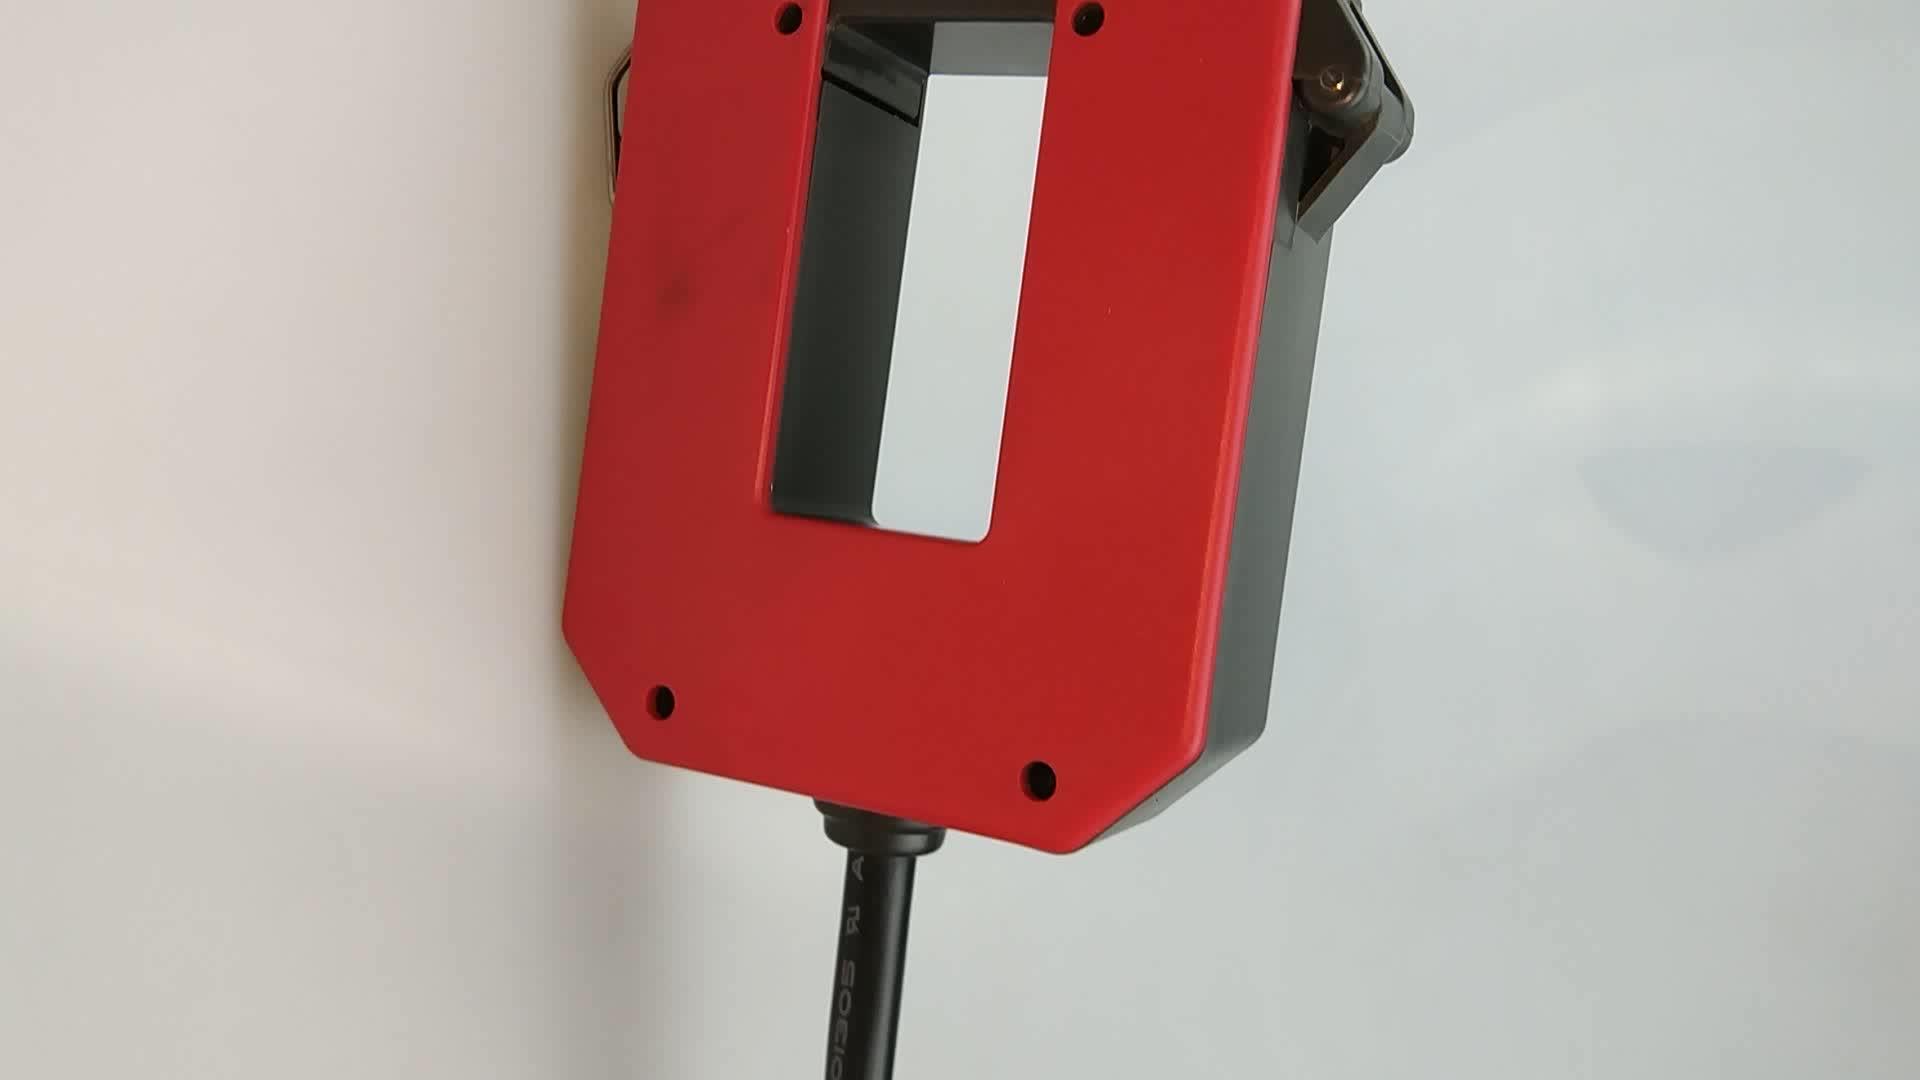 Transformador de potencia de transformador de corriente de apertura de núcleo dividido de precisión de clase 0,5 CT